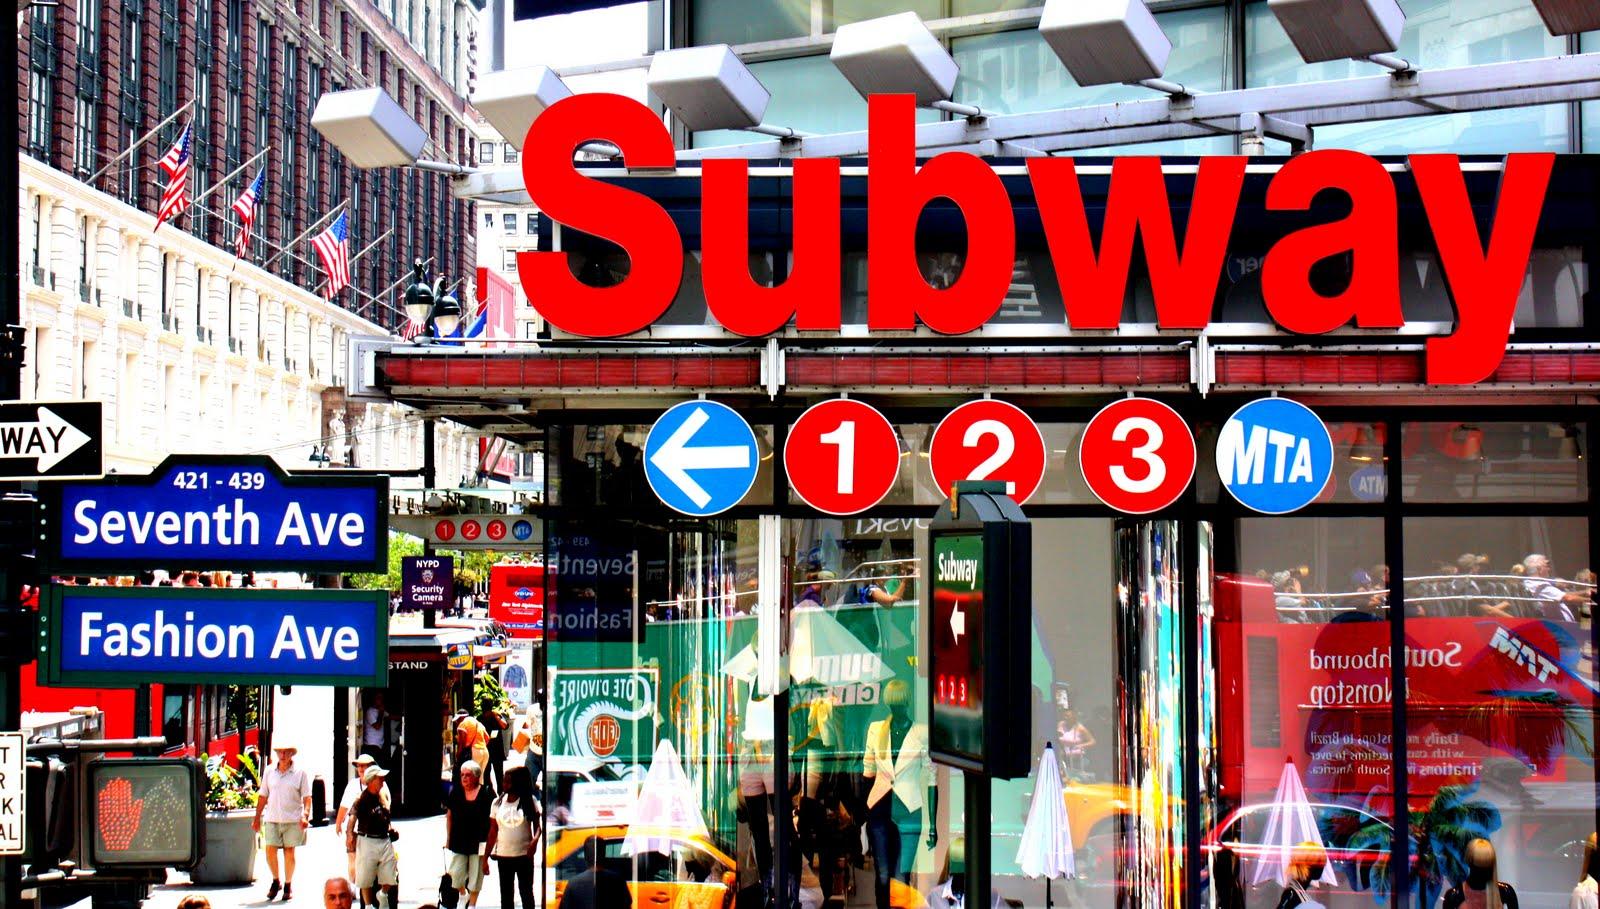 La metropolitana di New York